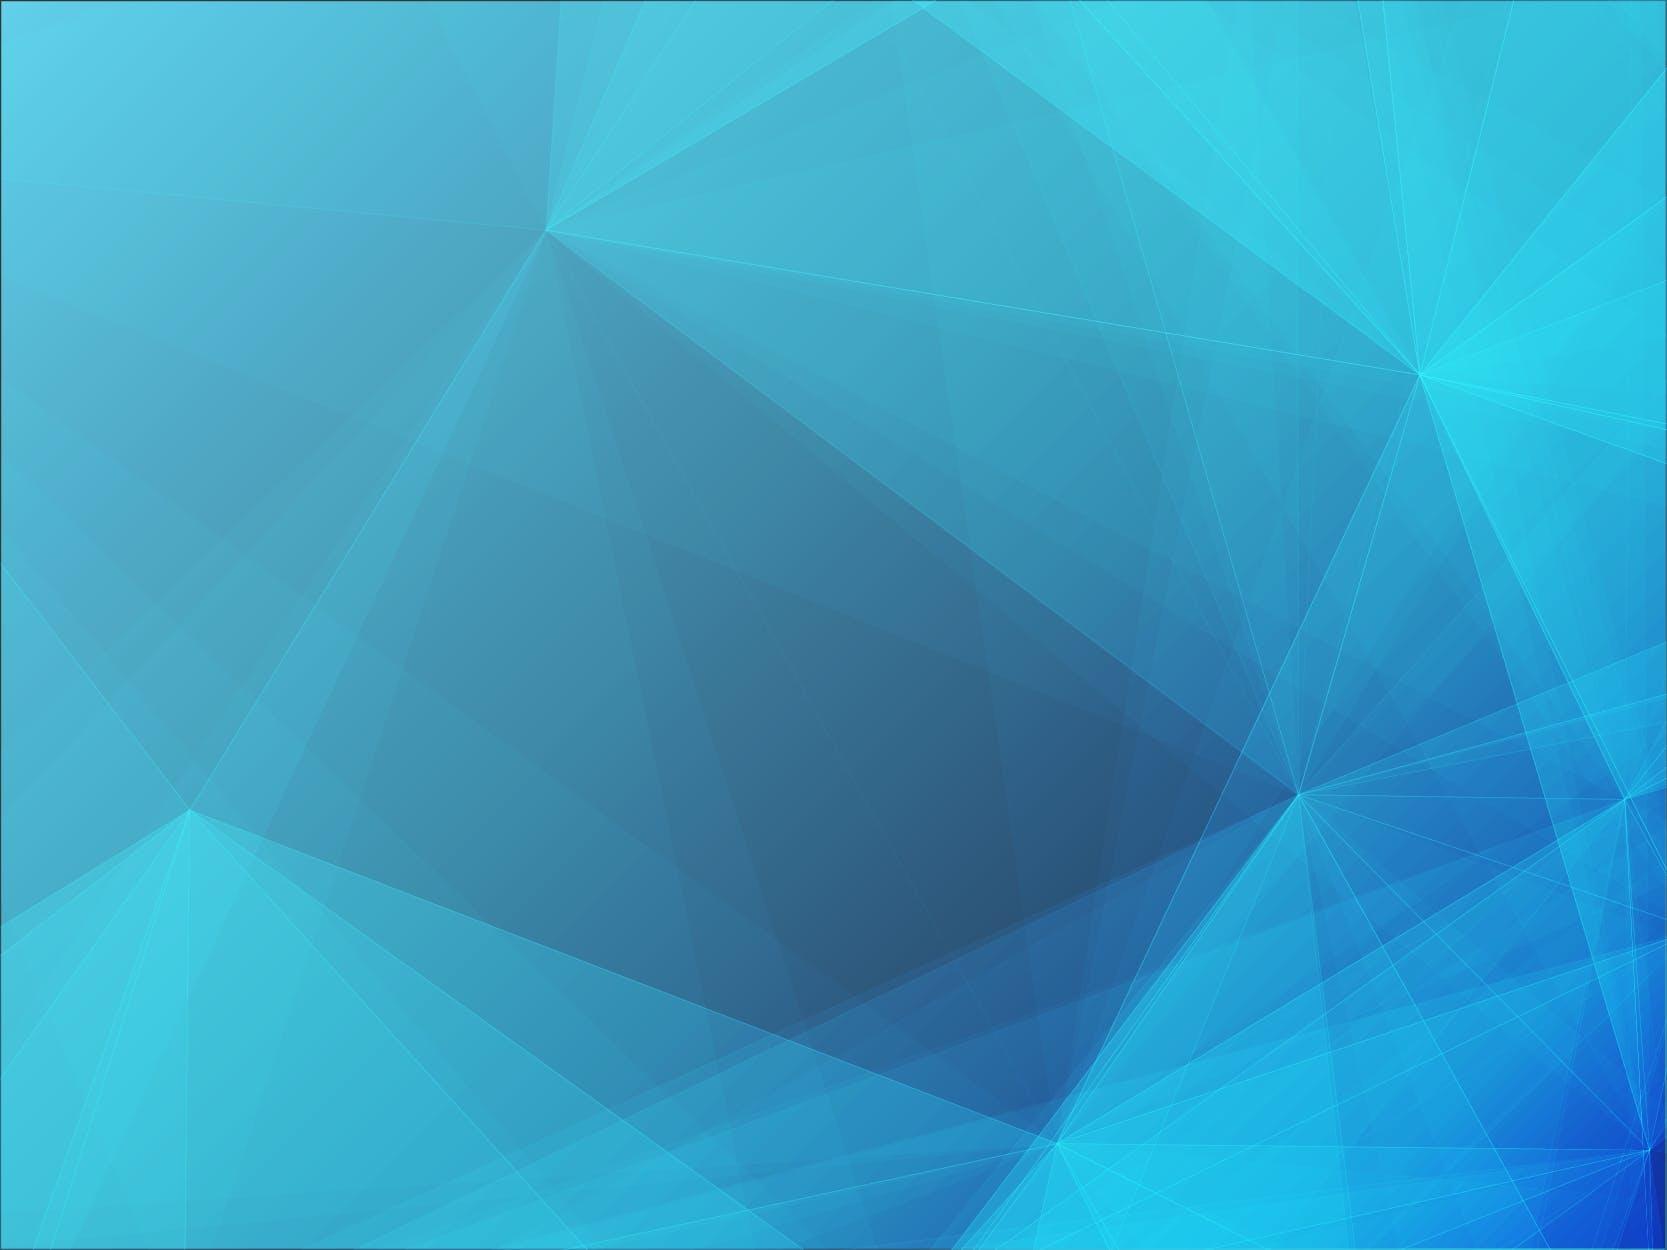 6款脑部融化效果几何图案矢量素材 Polygon Geometric Collection 3插图(5)